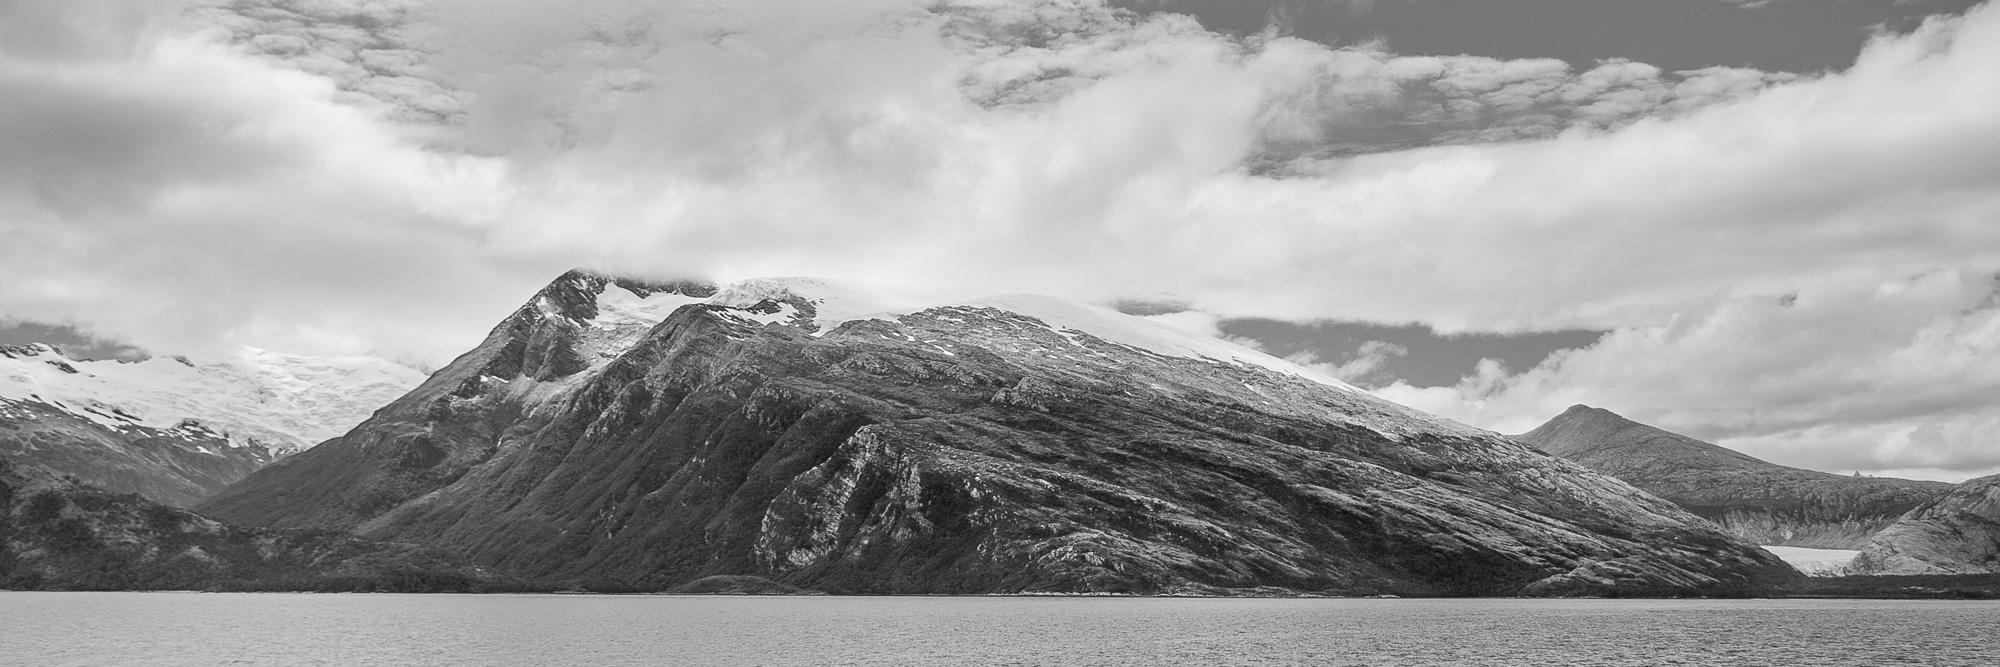 Photograph: Tierra del Fuego